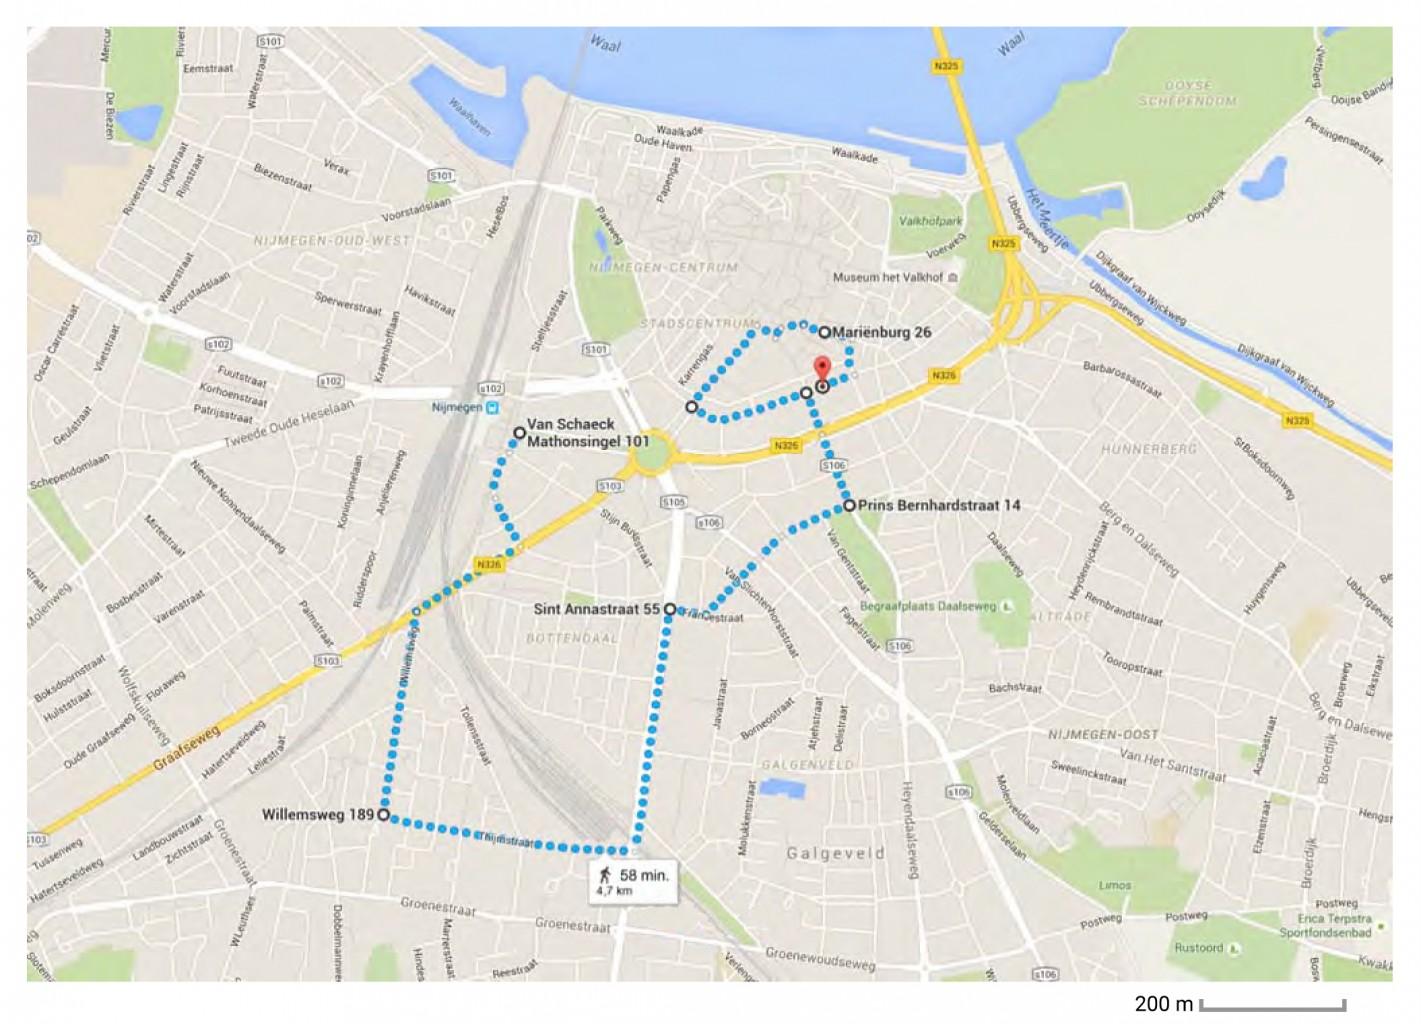 https://www.google.nl/maps/dir/51.8426295,5.8540997/51.833274,5